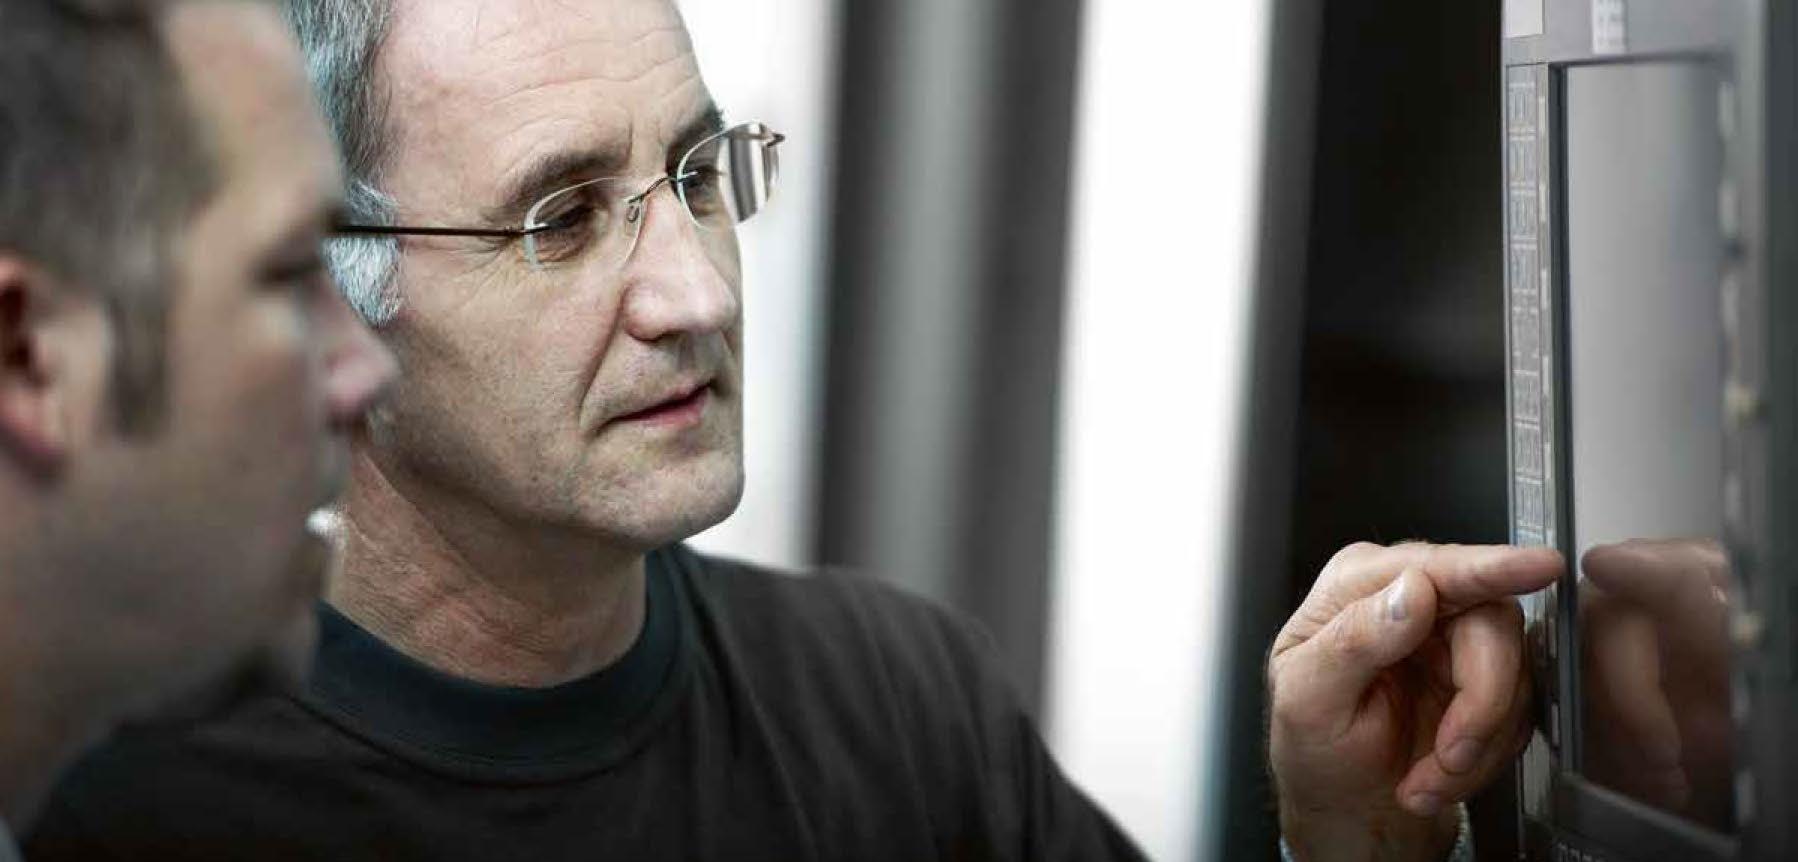 United Grinding, People Fotografie, Fritz Studer AG, Imagefotografie; David Schweizer